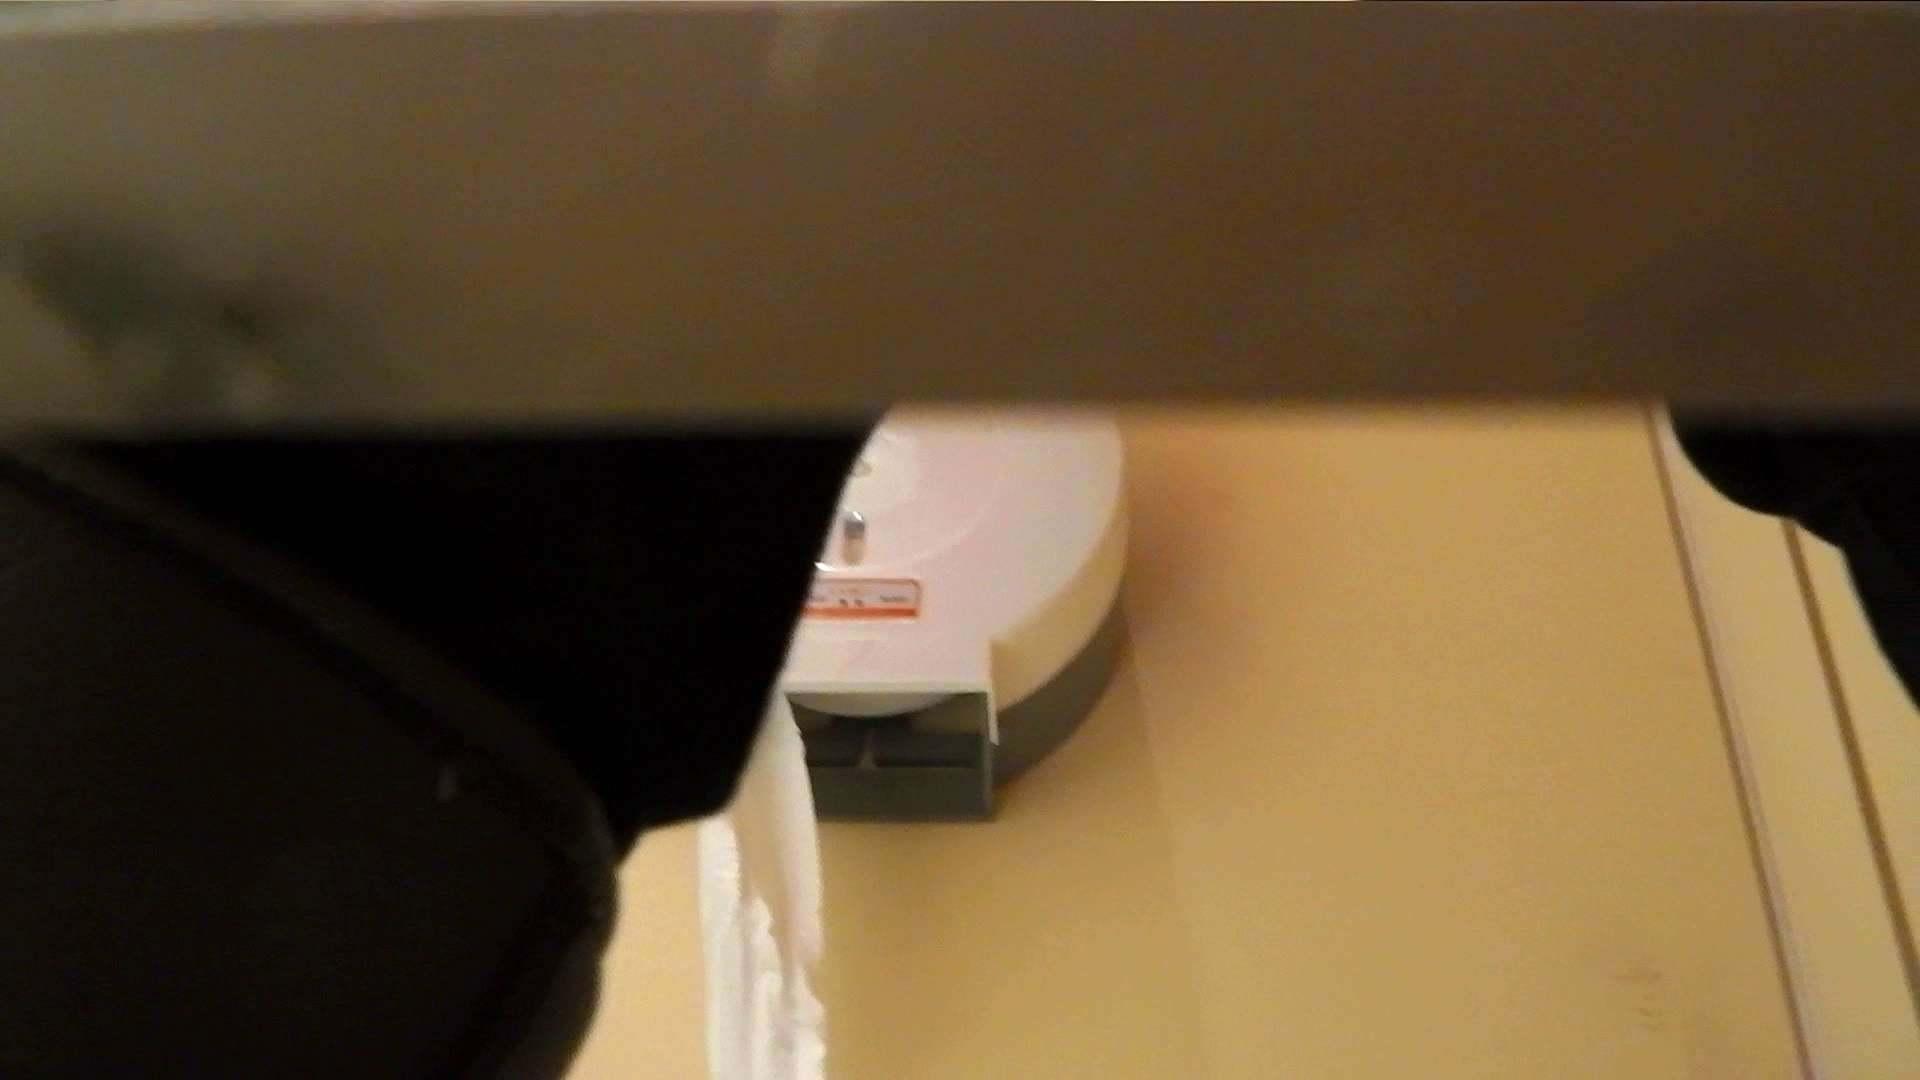 洗寿観音さんの 化粧室は四面楚歌Nol.4 洗面所 | 色っぽいOL達  104pic 67